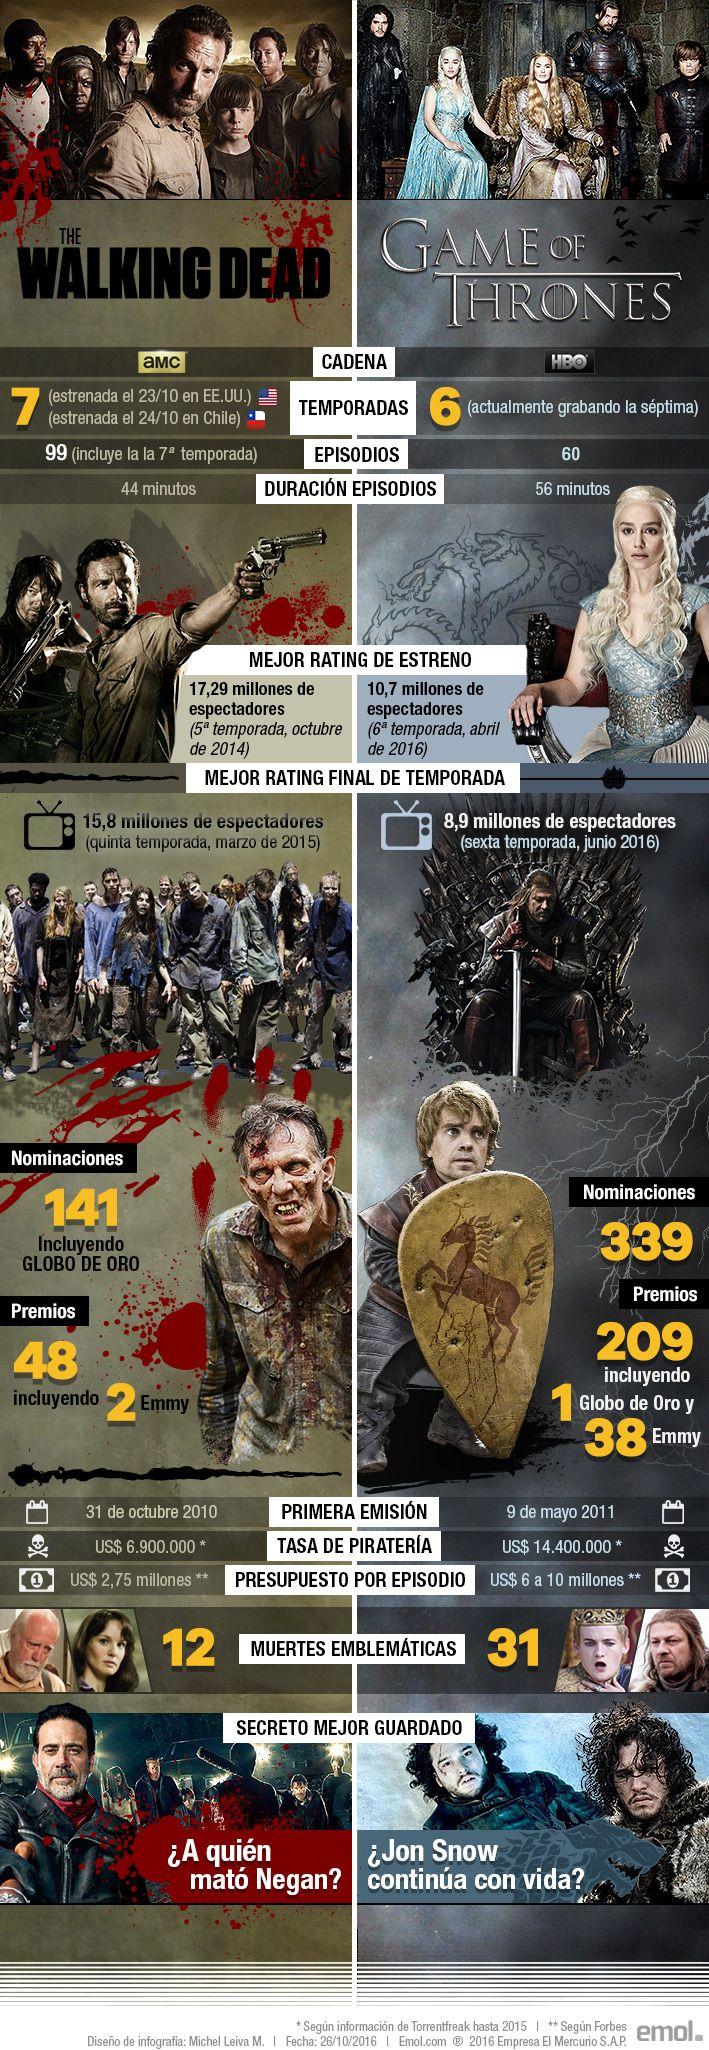 """Infografía: """"The Walking Dead"""" vs. """"Game of Thrones"""", las cifras en torno a su batalla televisiva.  Confronta los números que giran en torno a las dos series estadounidenses más populares de los últimos años, que han conquistado a millones de espectadores con altas cuotas de violencia y vuelcos sorpresivos."""